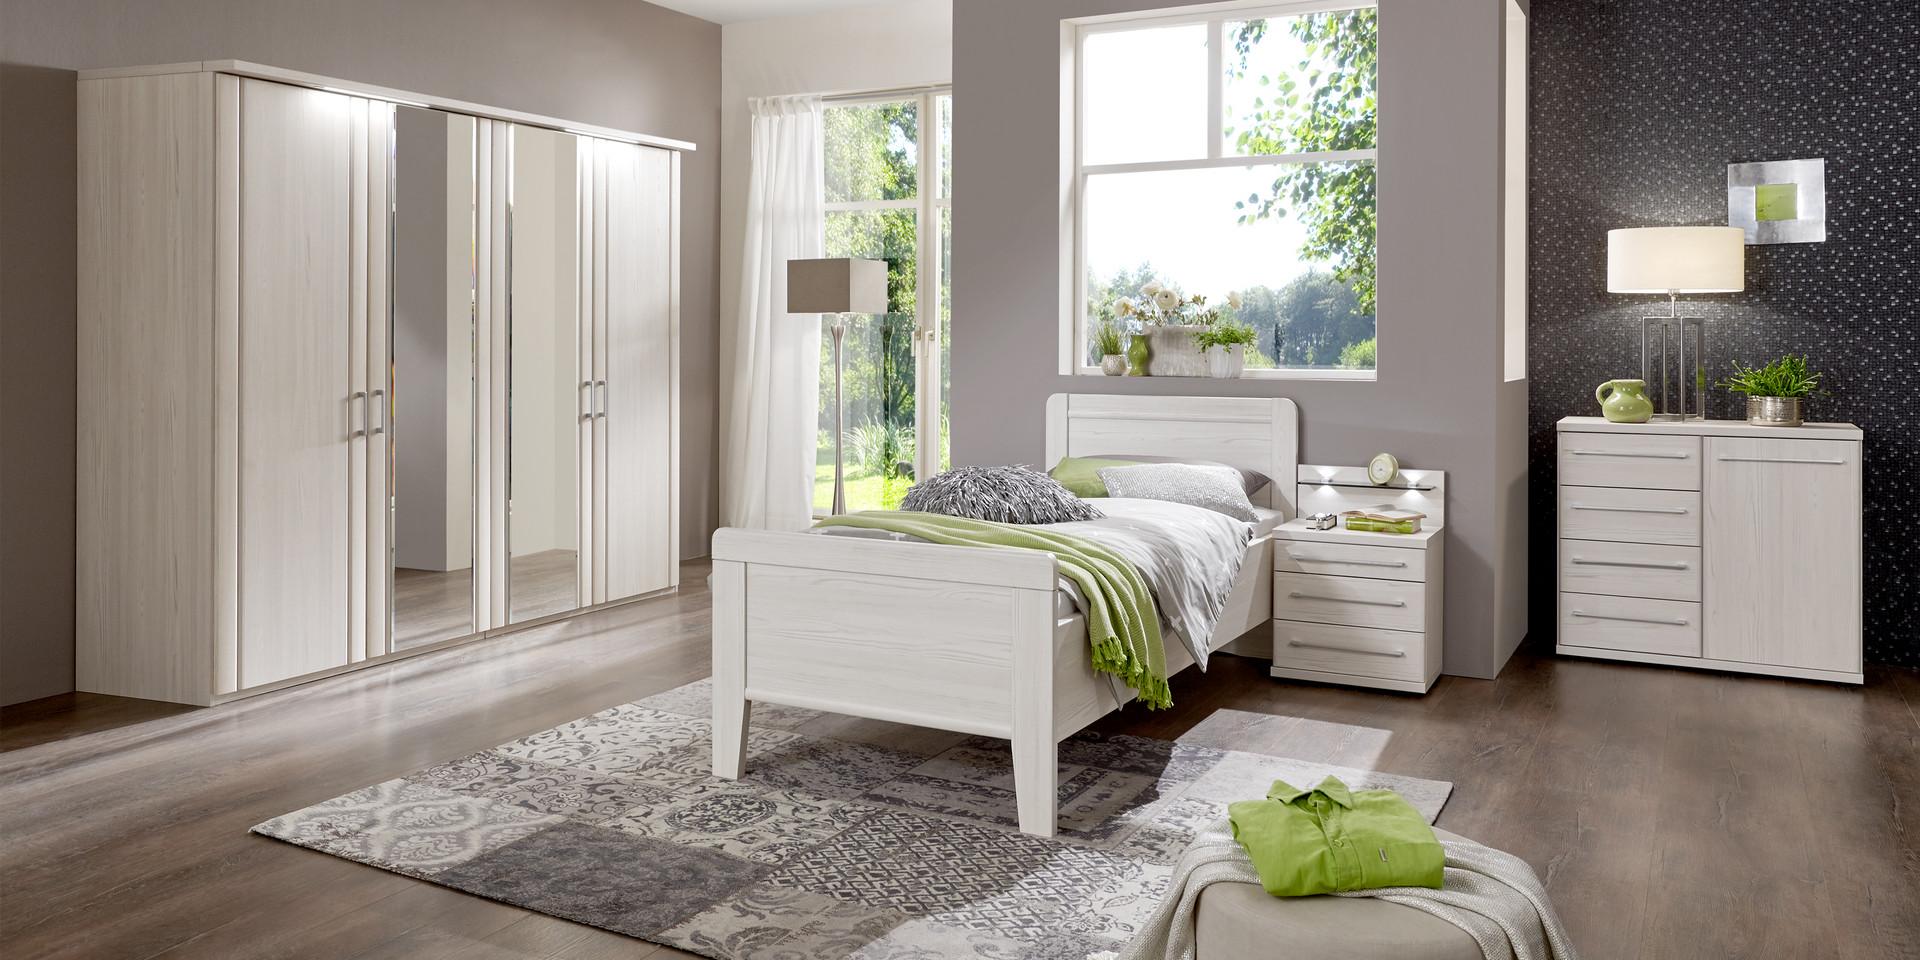 erleben sie das schlafzimmer mainau m belhersteller wiemann. Black Bedroom Furniture Sets. Home Design Ideas